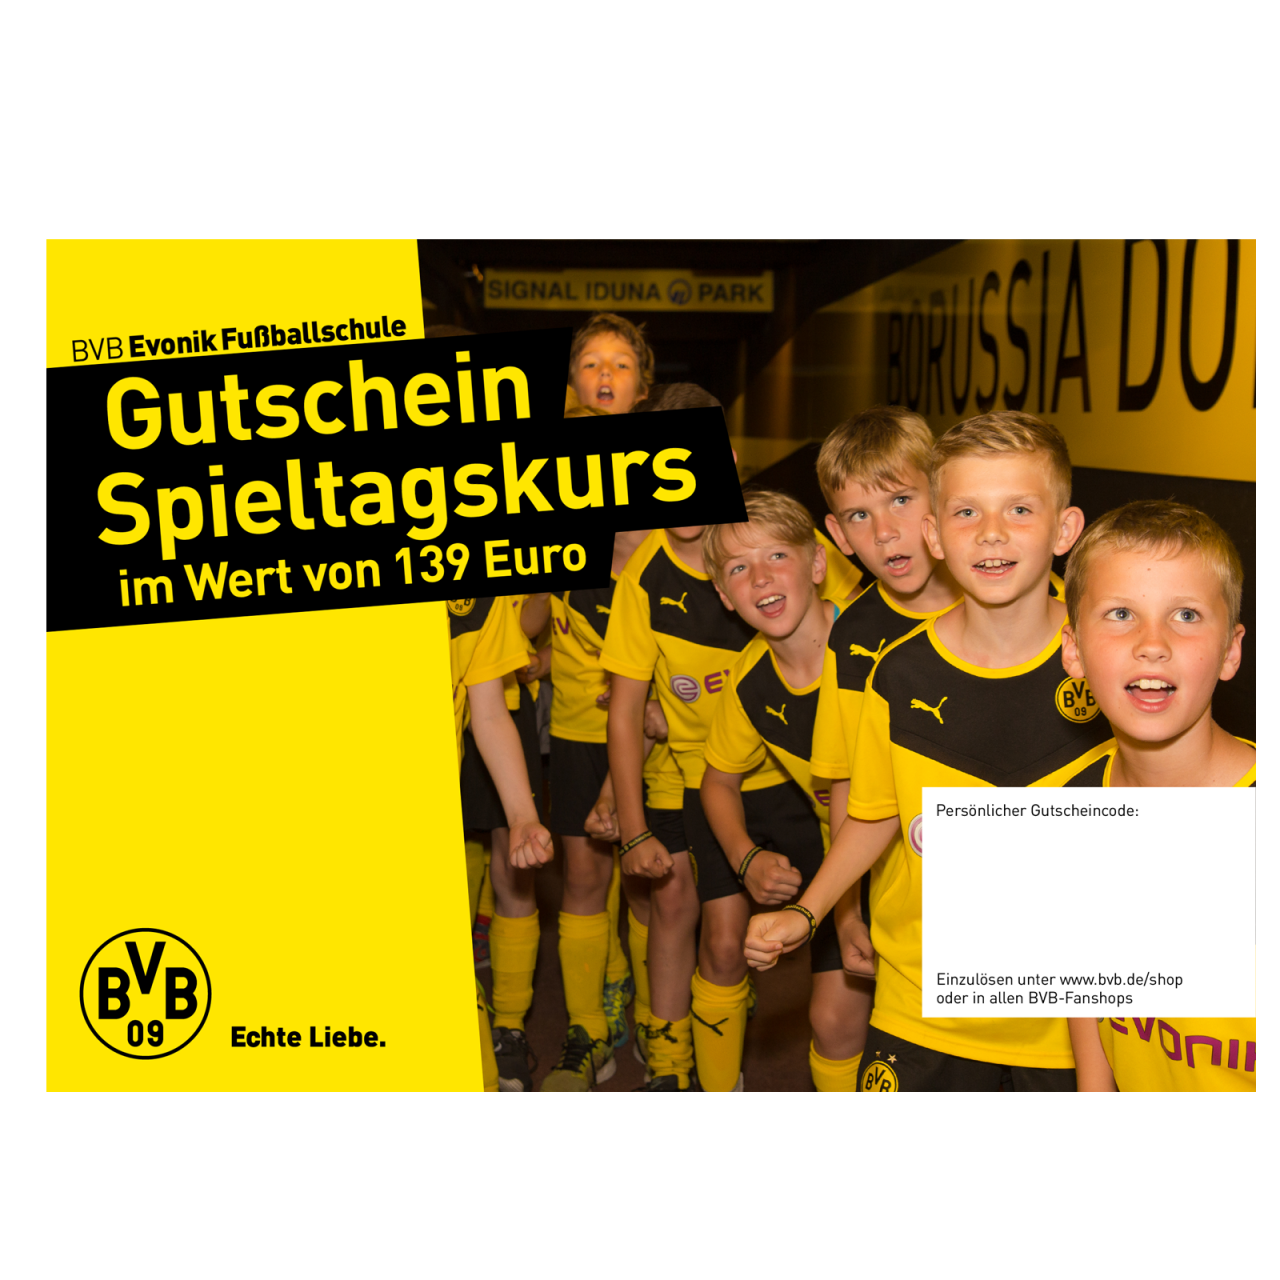 Gutschein Fußballschule Spieltagskurs